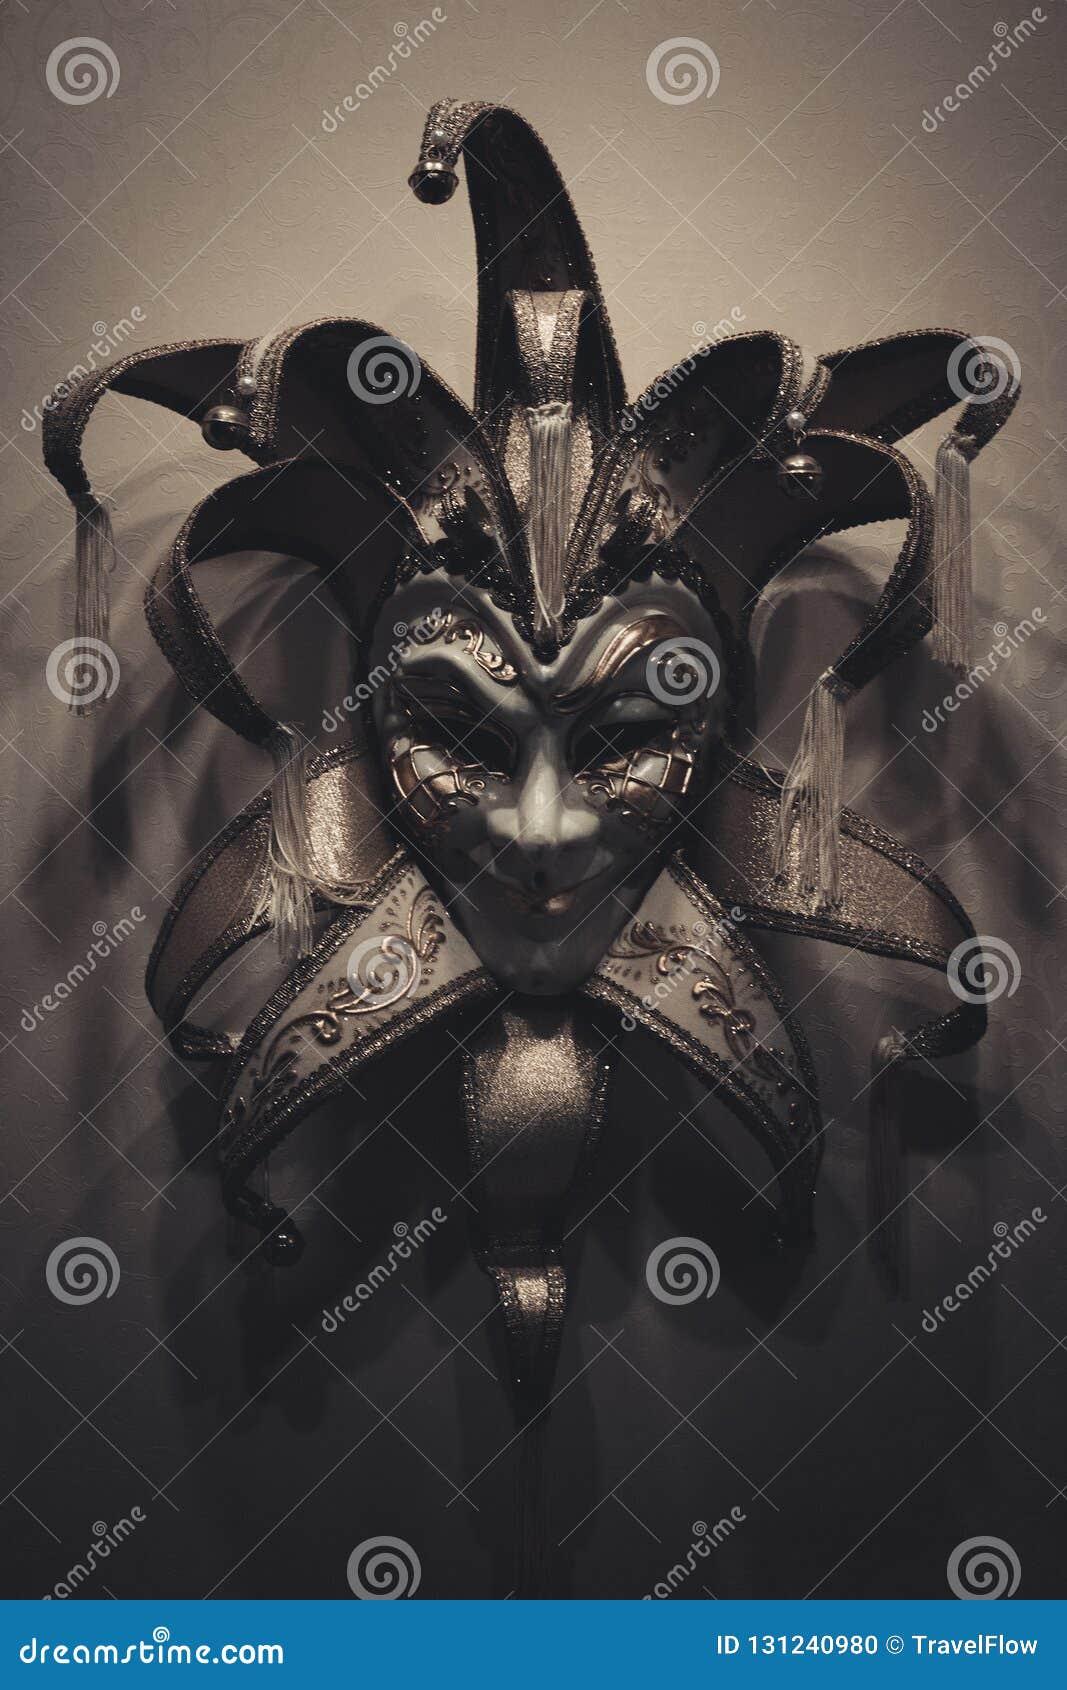 Sinister Joker Mask On Dark Background Stock Photo Image Of Black